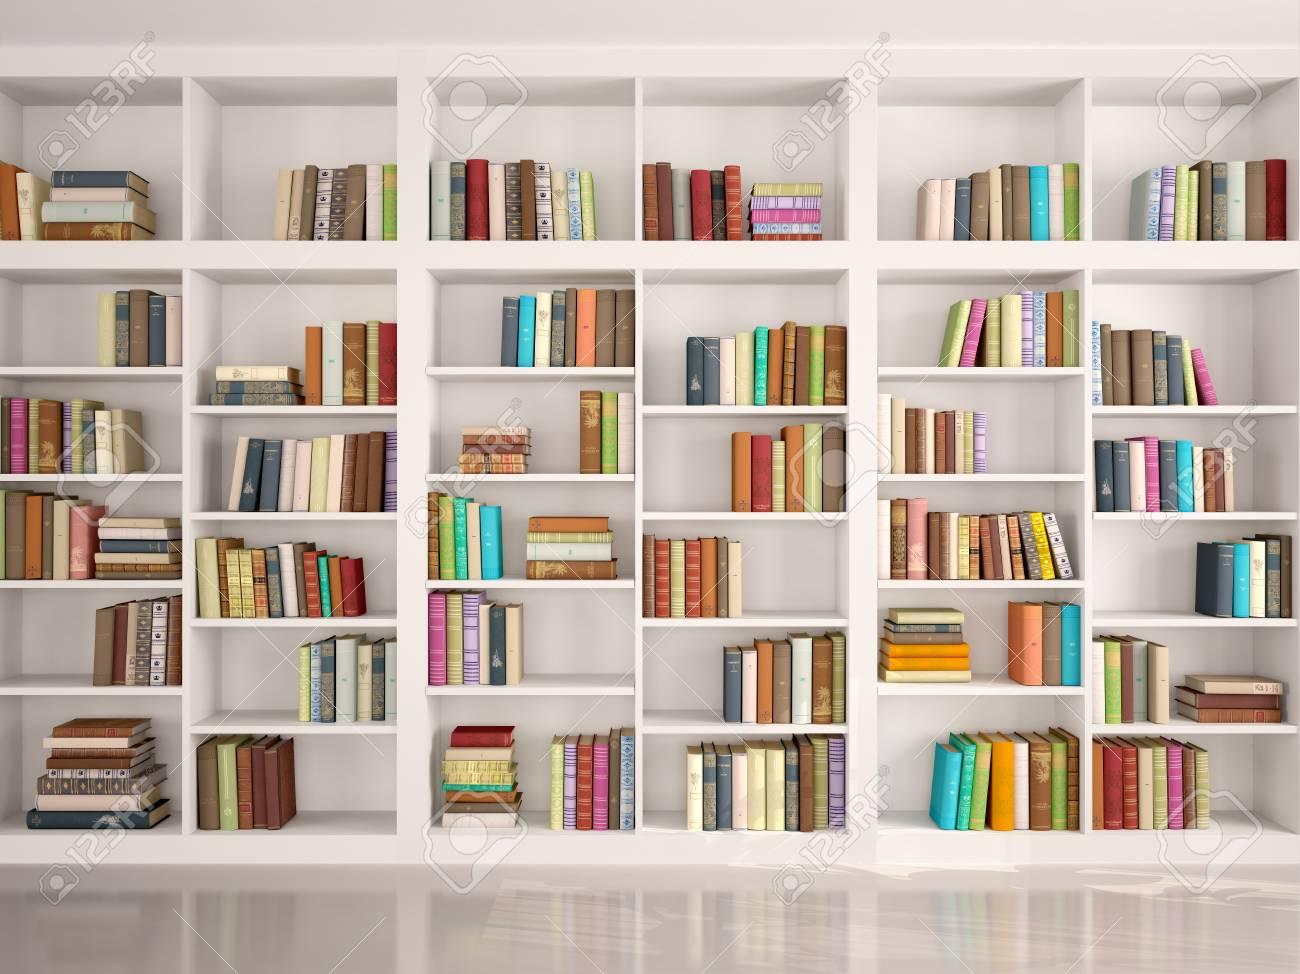 3d illustration of White bookshelves with various